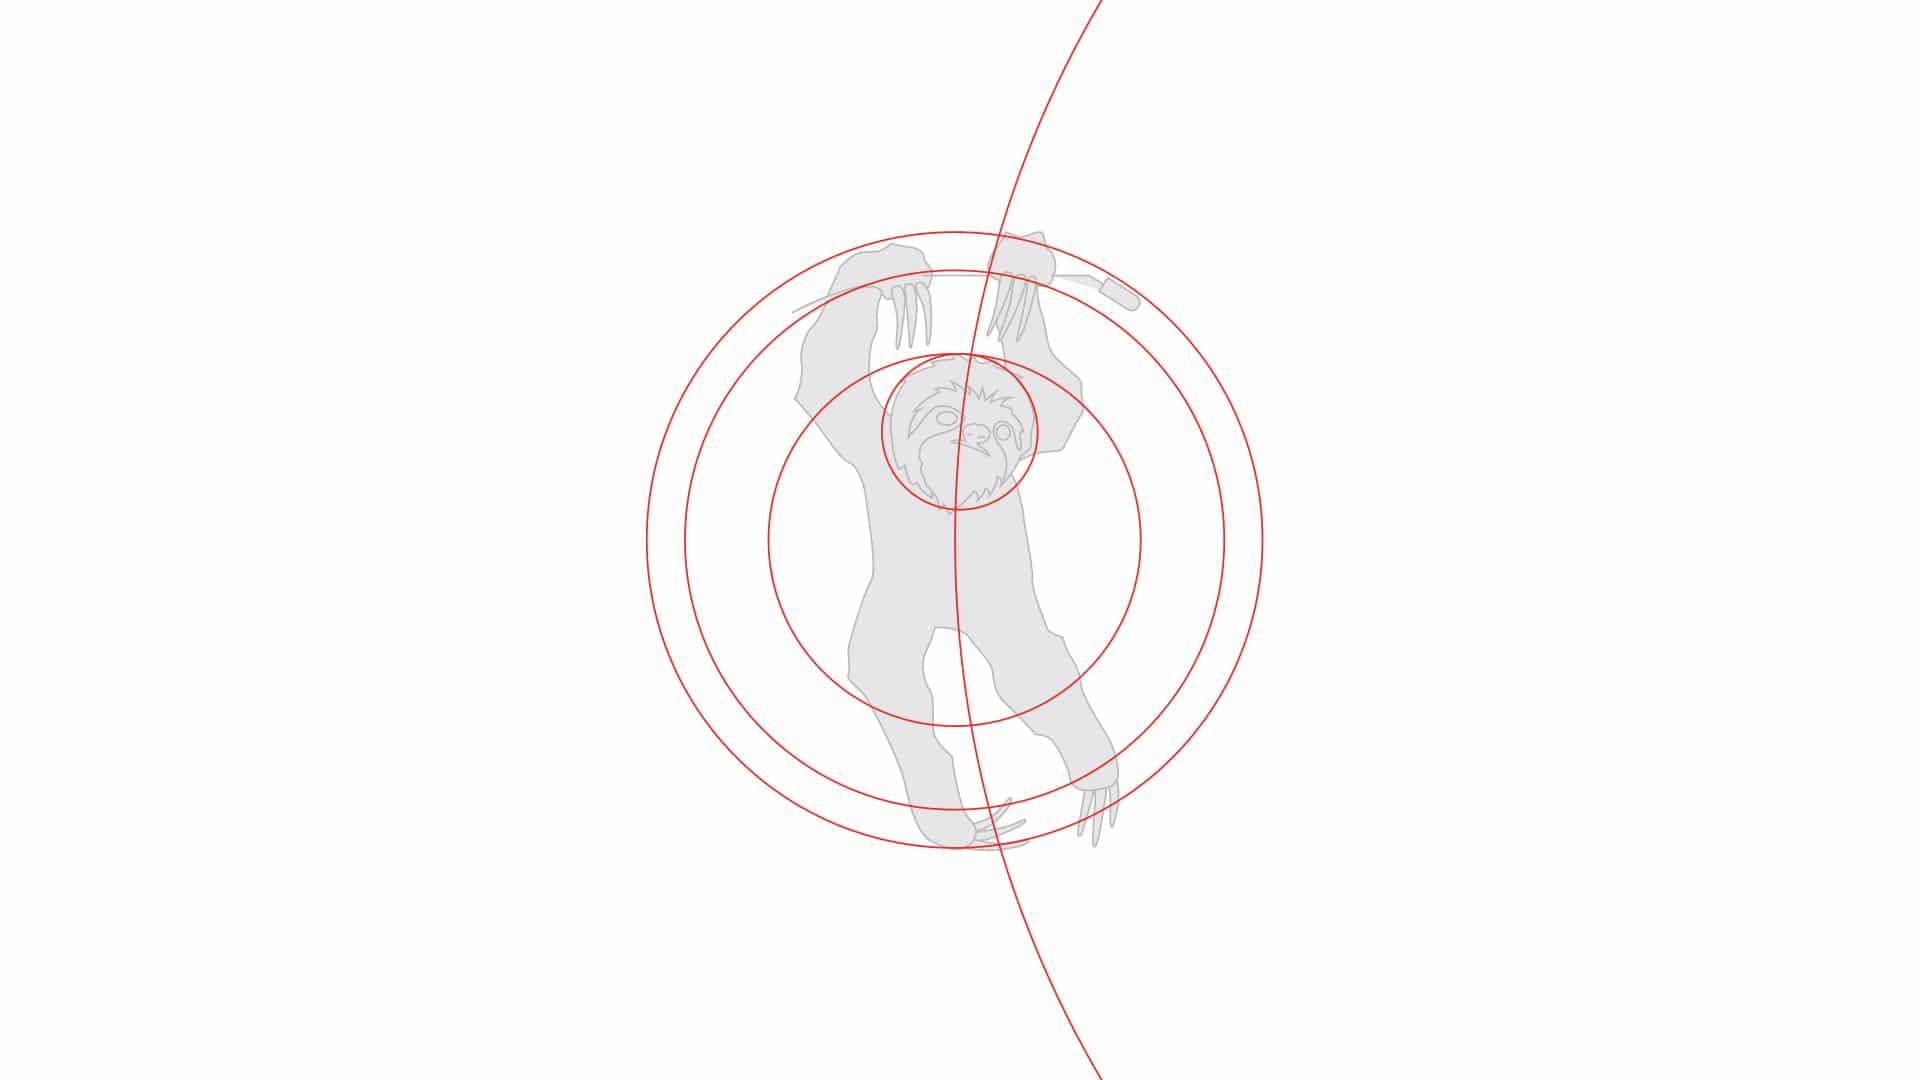 02 grafico milano costruzione monogramma bradipo dischi